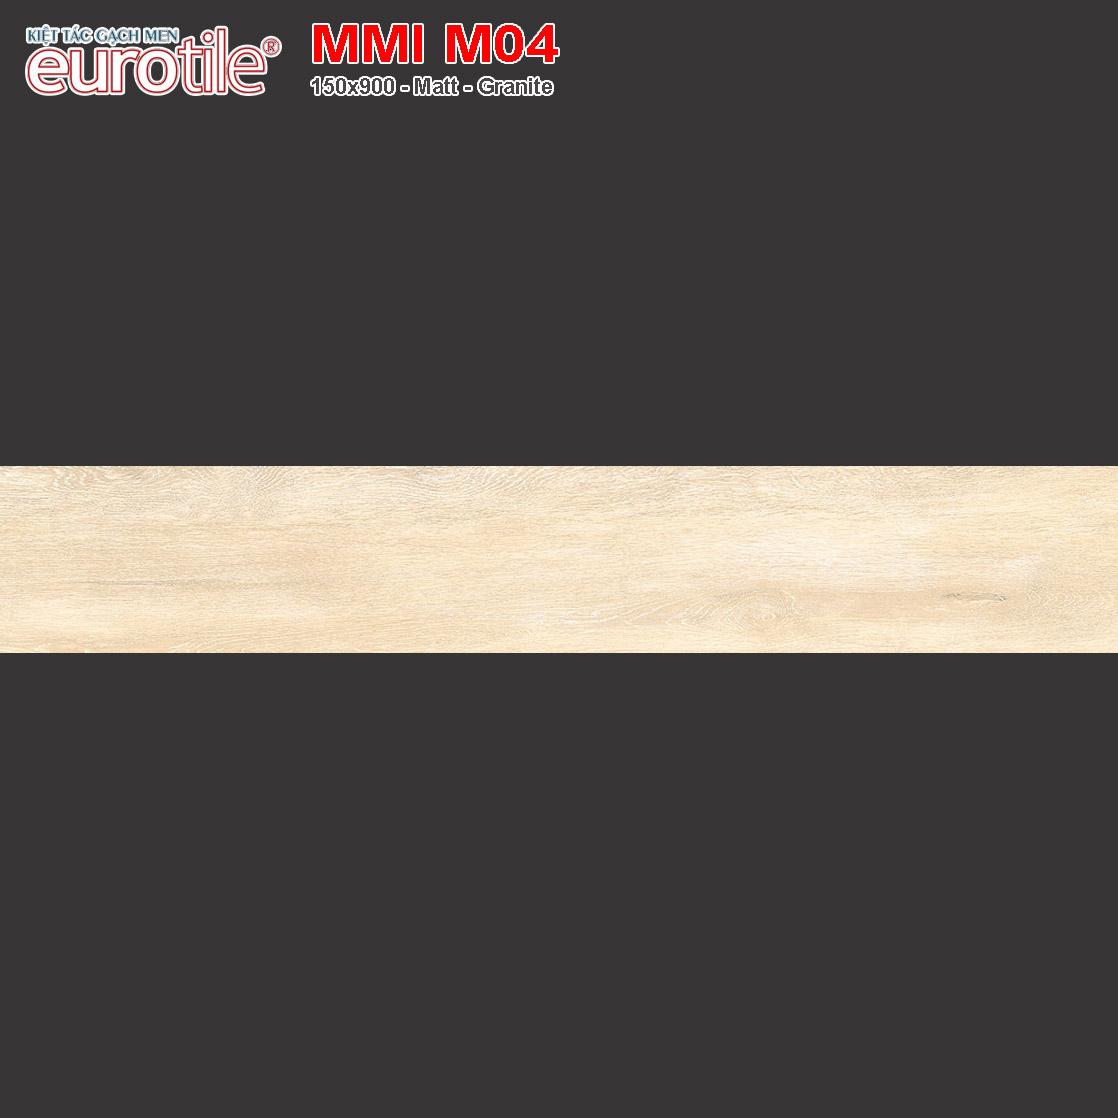 Gạch lát nền vân gỗ 150x900 Eurotile MMI M04 giá rẻ